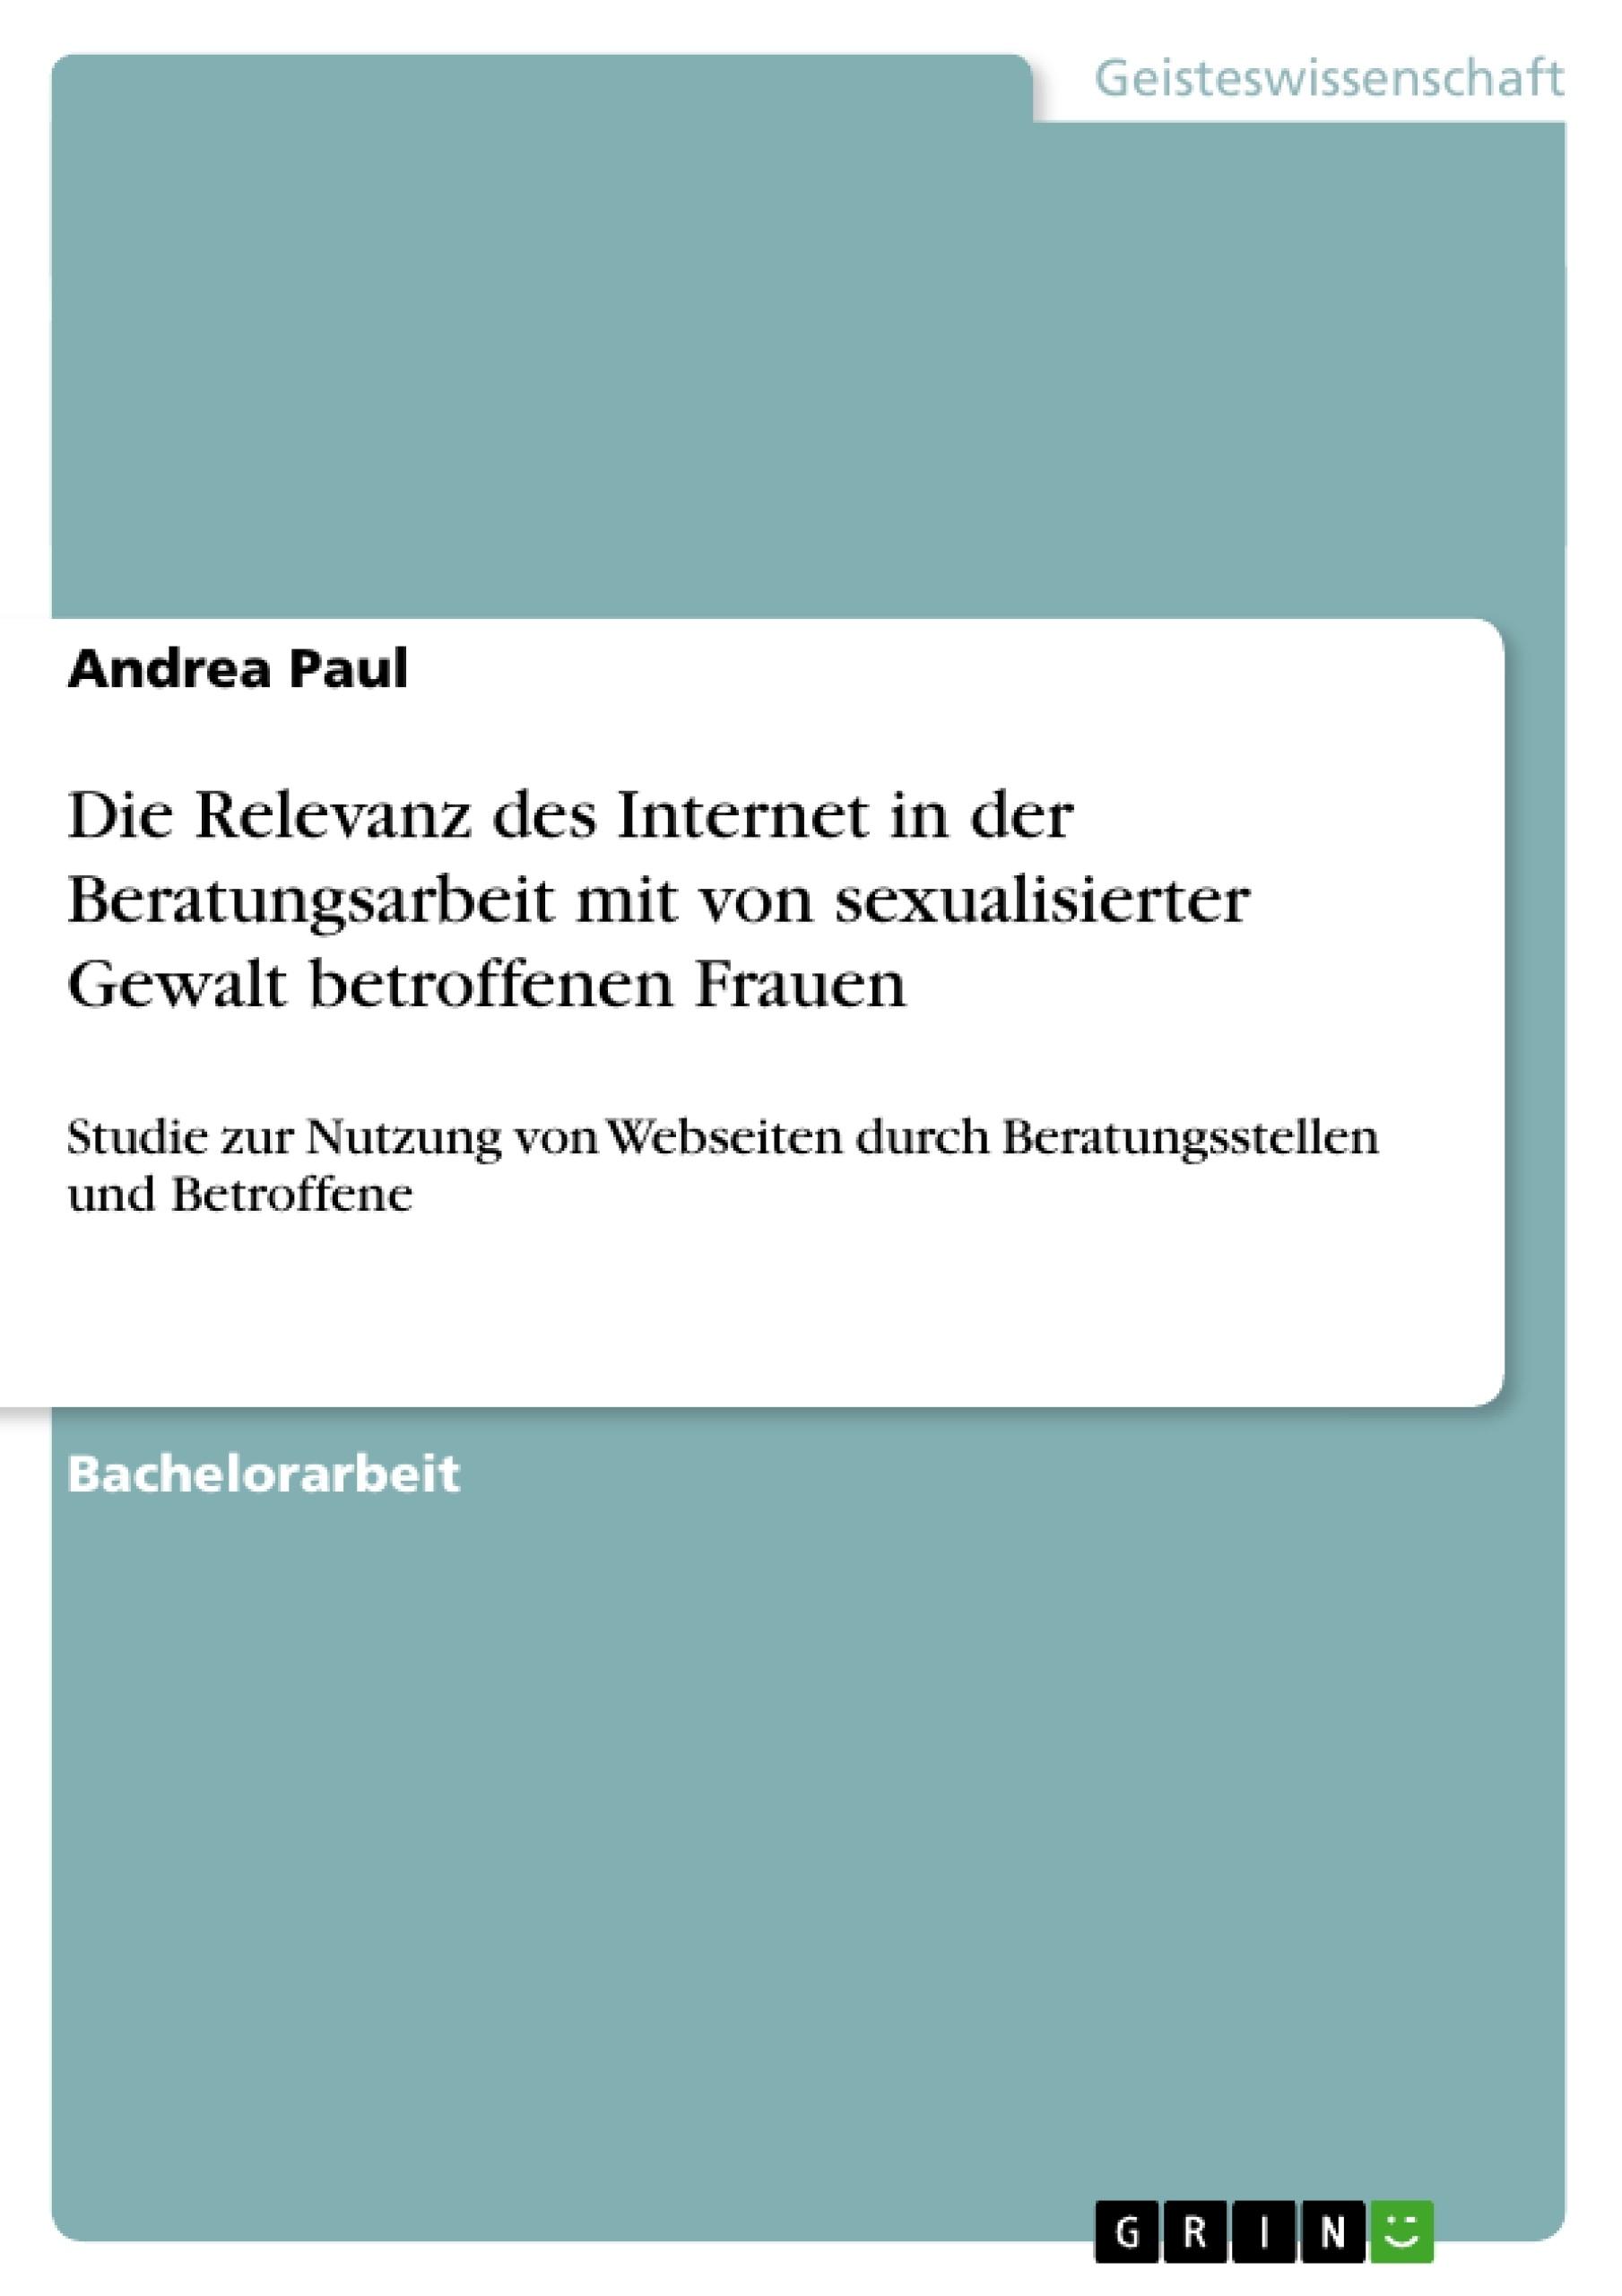 Titel: Die Relevanz des Internet in der Beratungsarbeit mit von sexualisierter Gewalt betroffenen Frauen